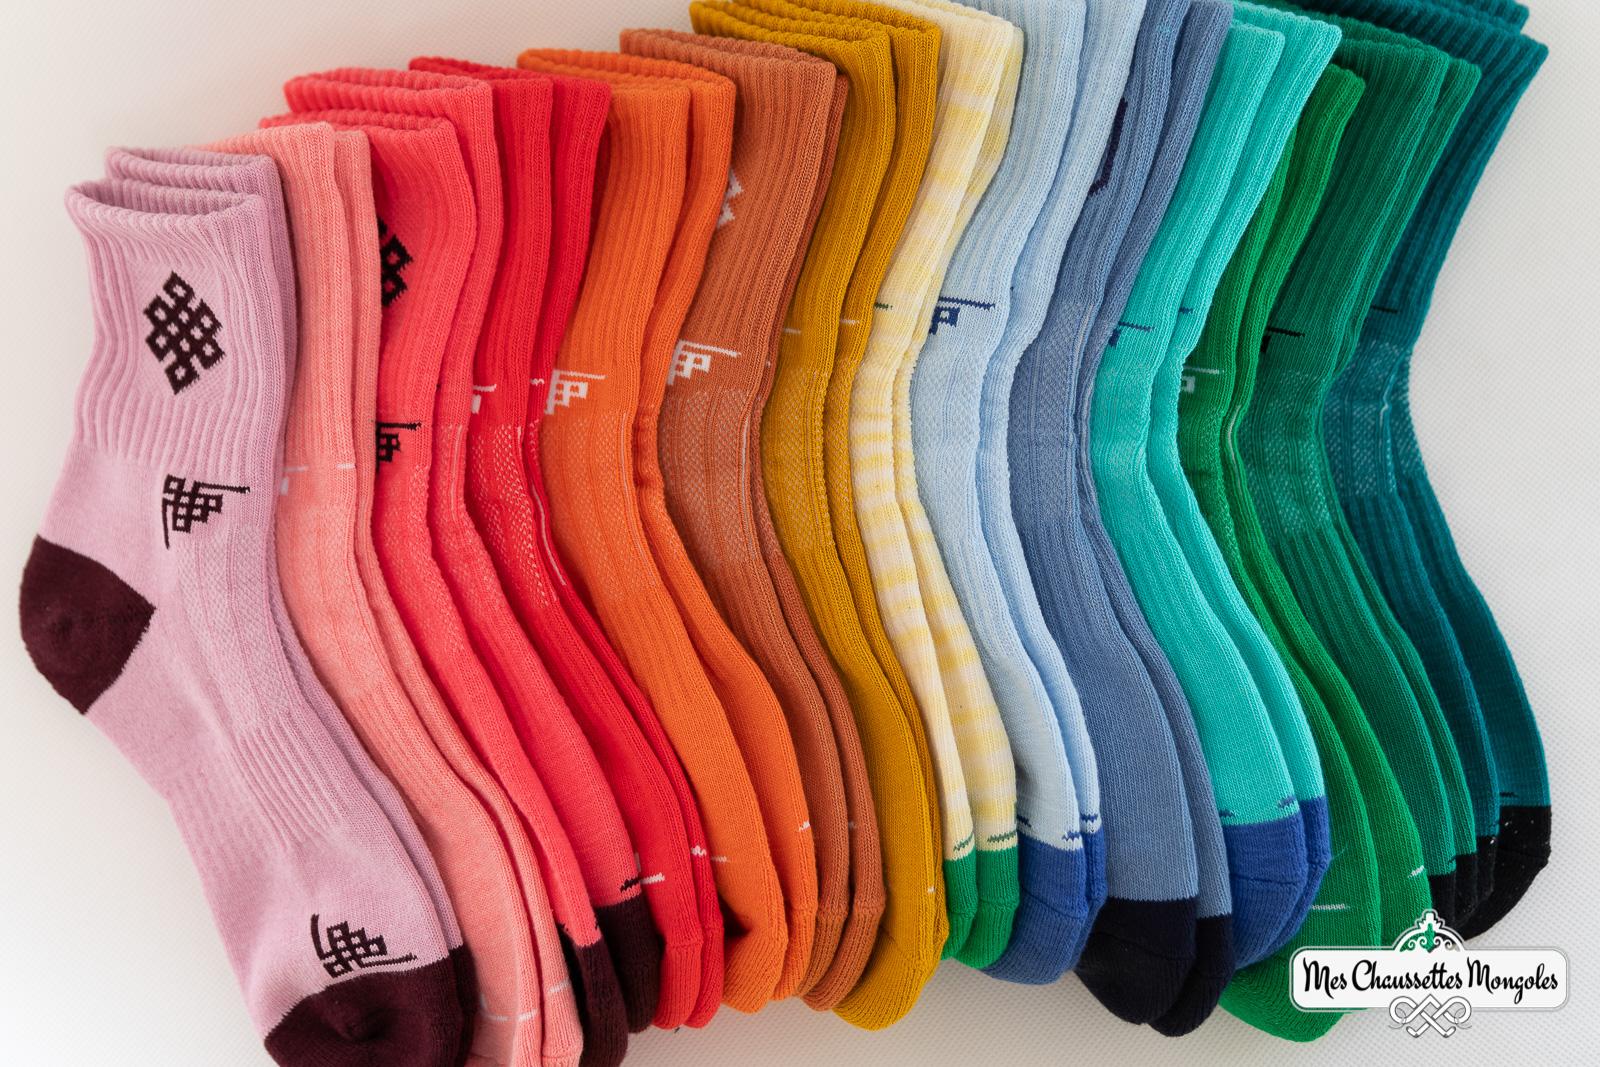 Gamme de couleurs des chaussettes en coton